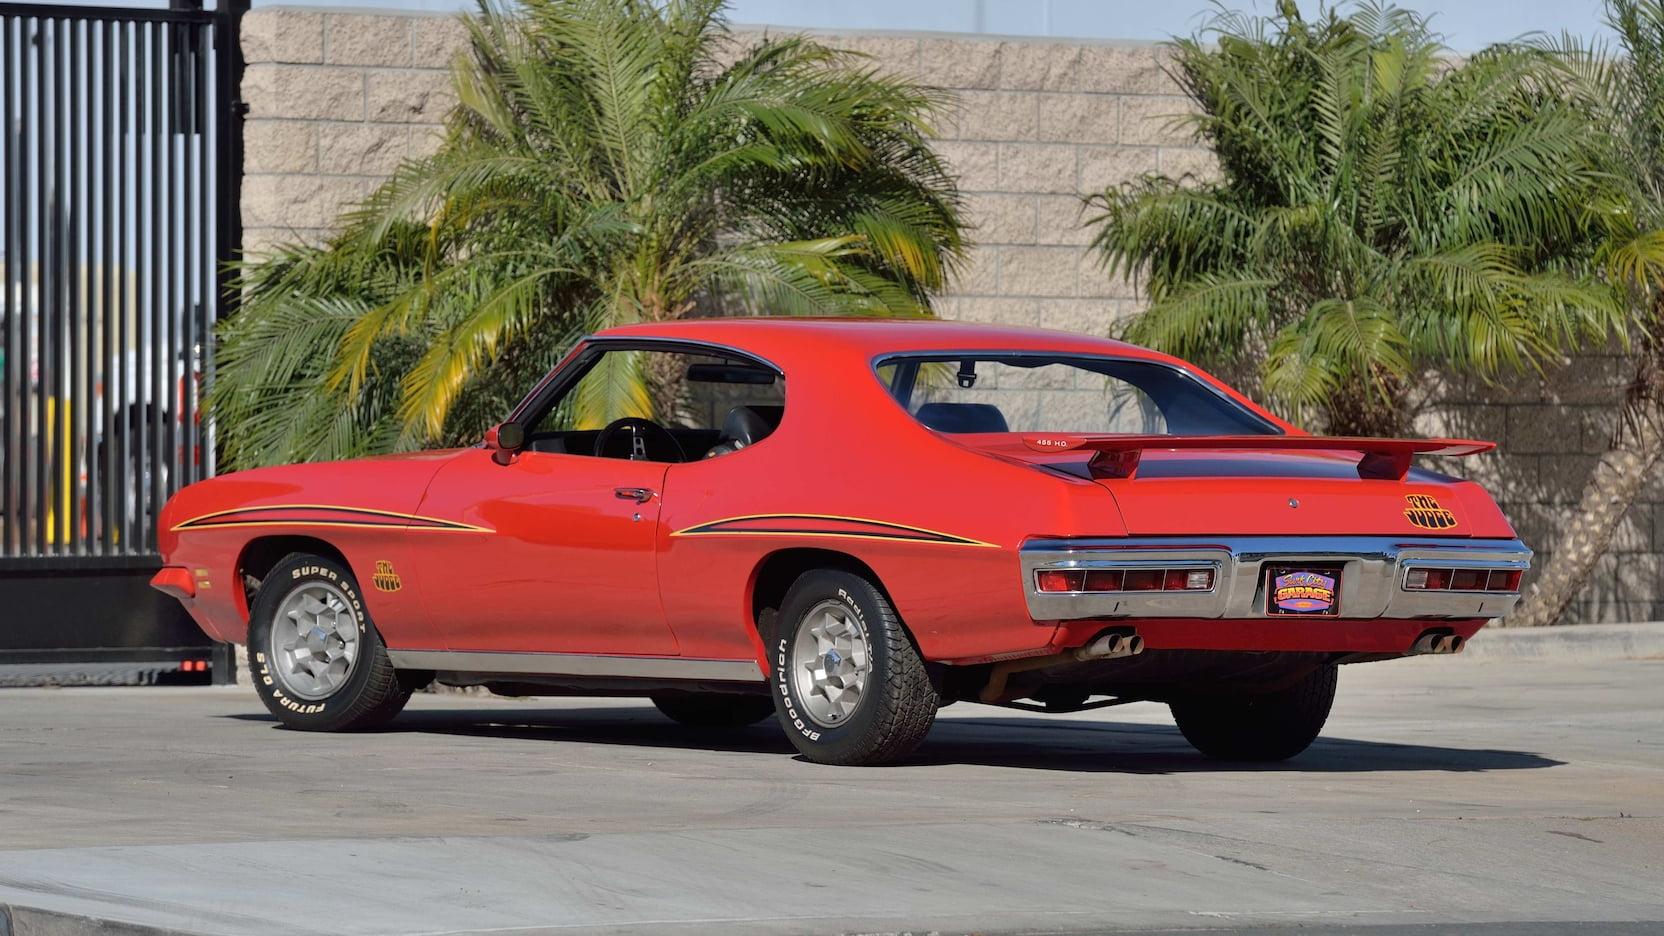 1971 Pontiac GTO Judge Pilot Car rear 3/4